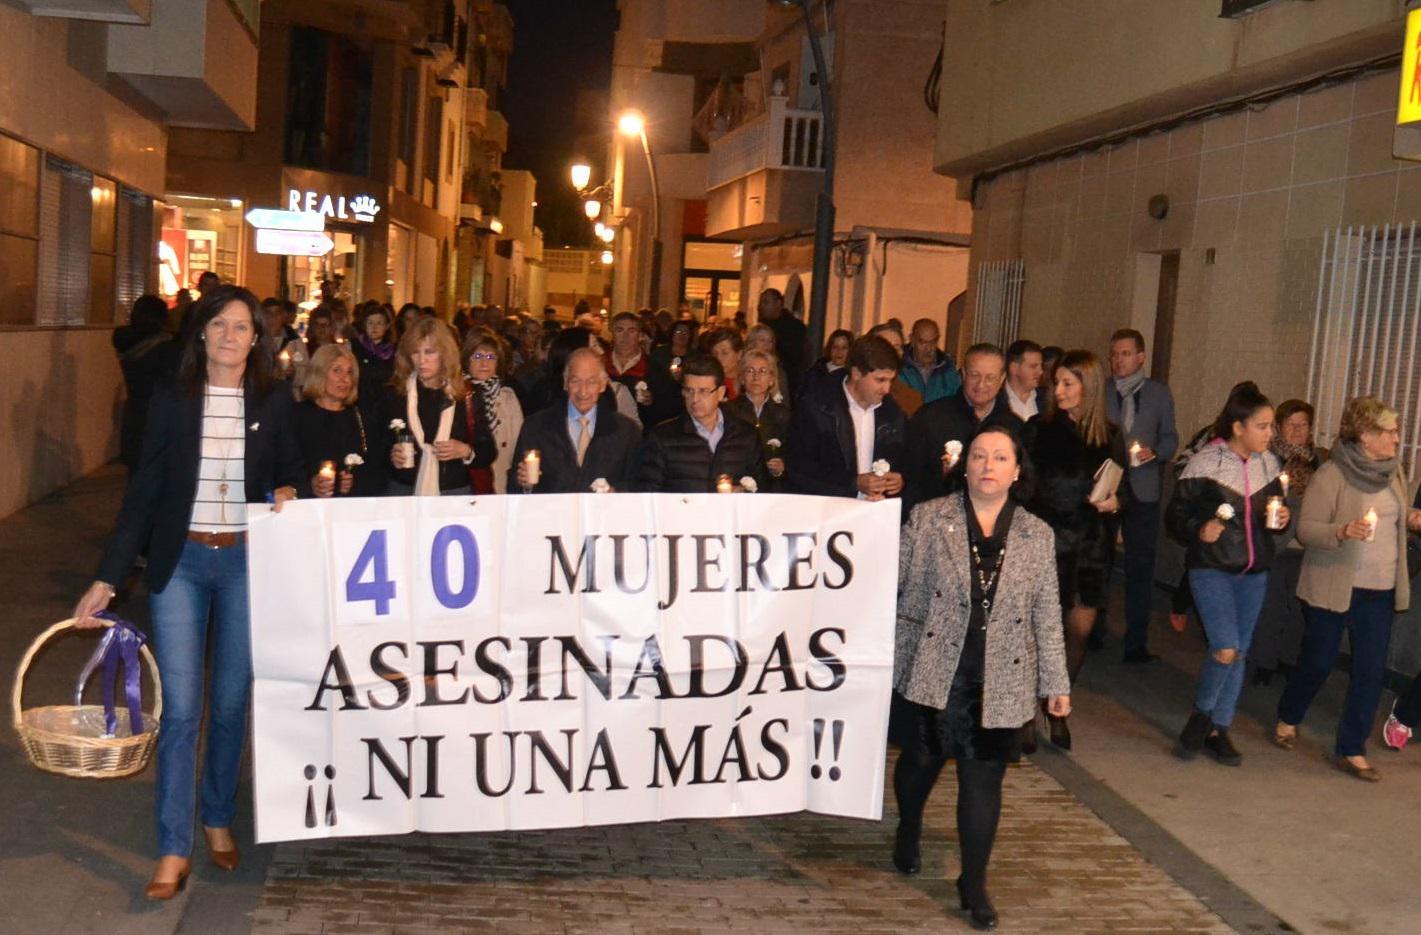 Roquetas se echa a la calle para rechazar la violencia contra la mujer